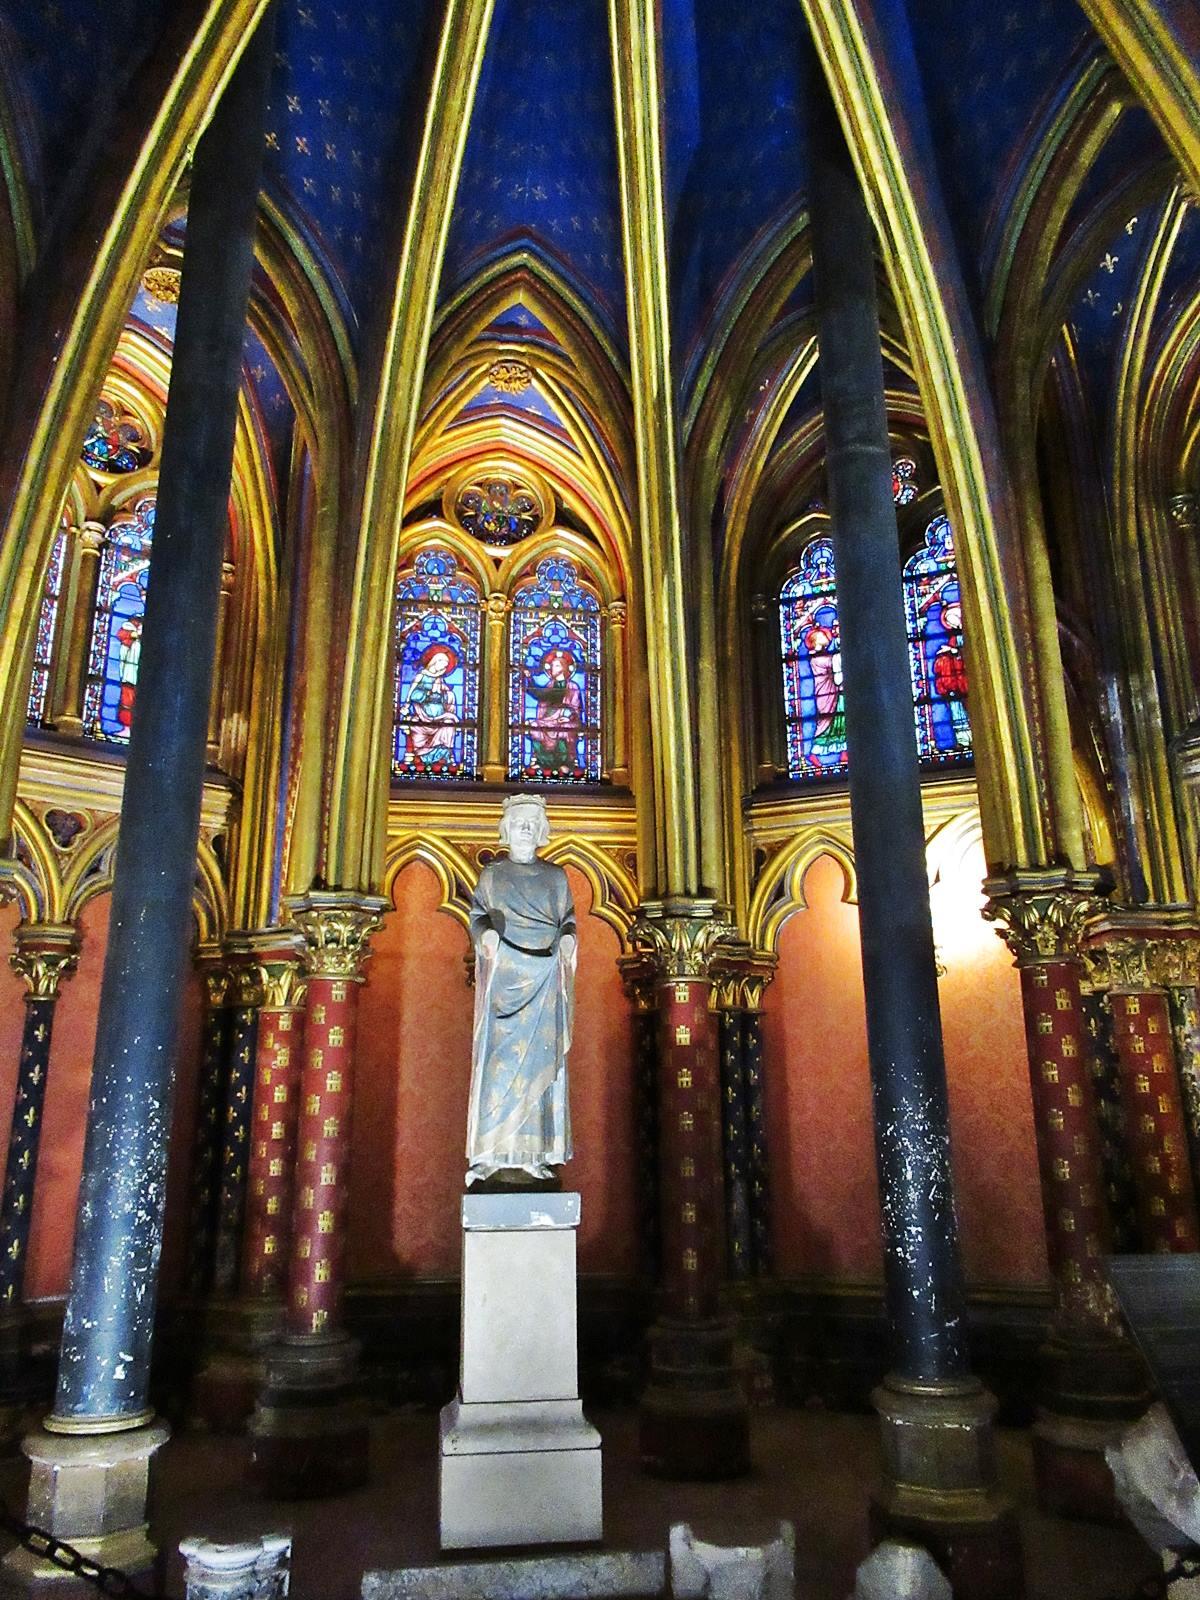 La sainte chapelle paris cite chateletsainte chapelle paris 1